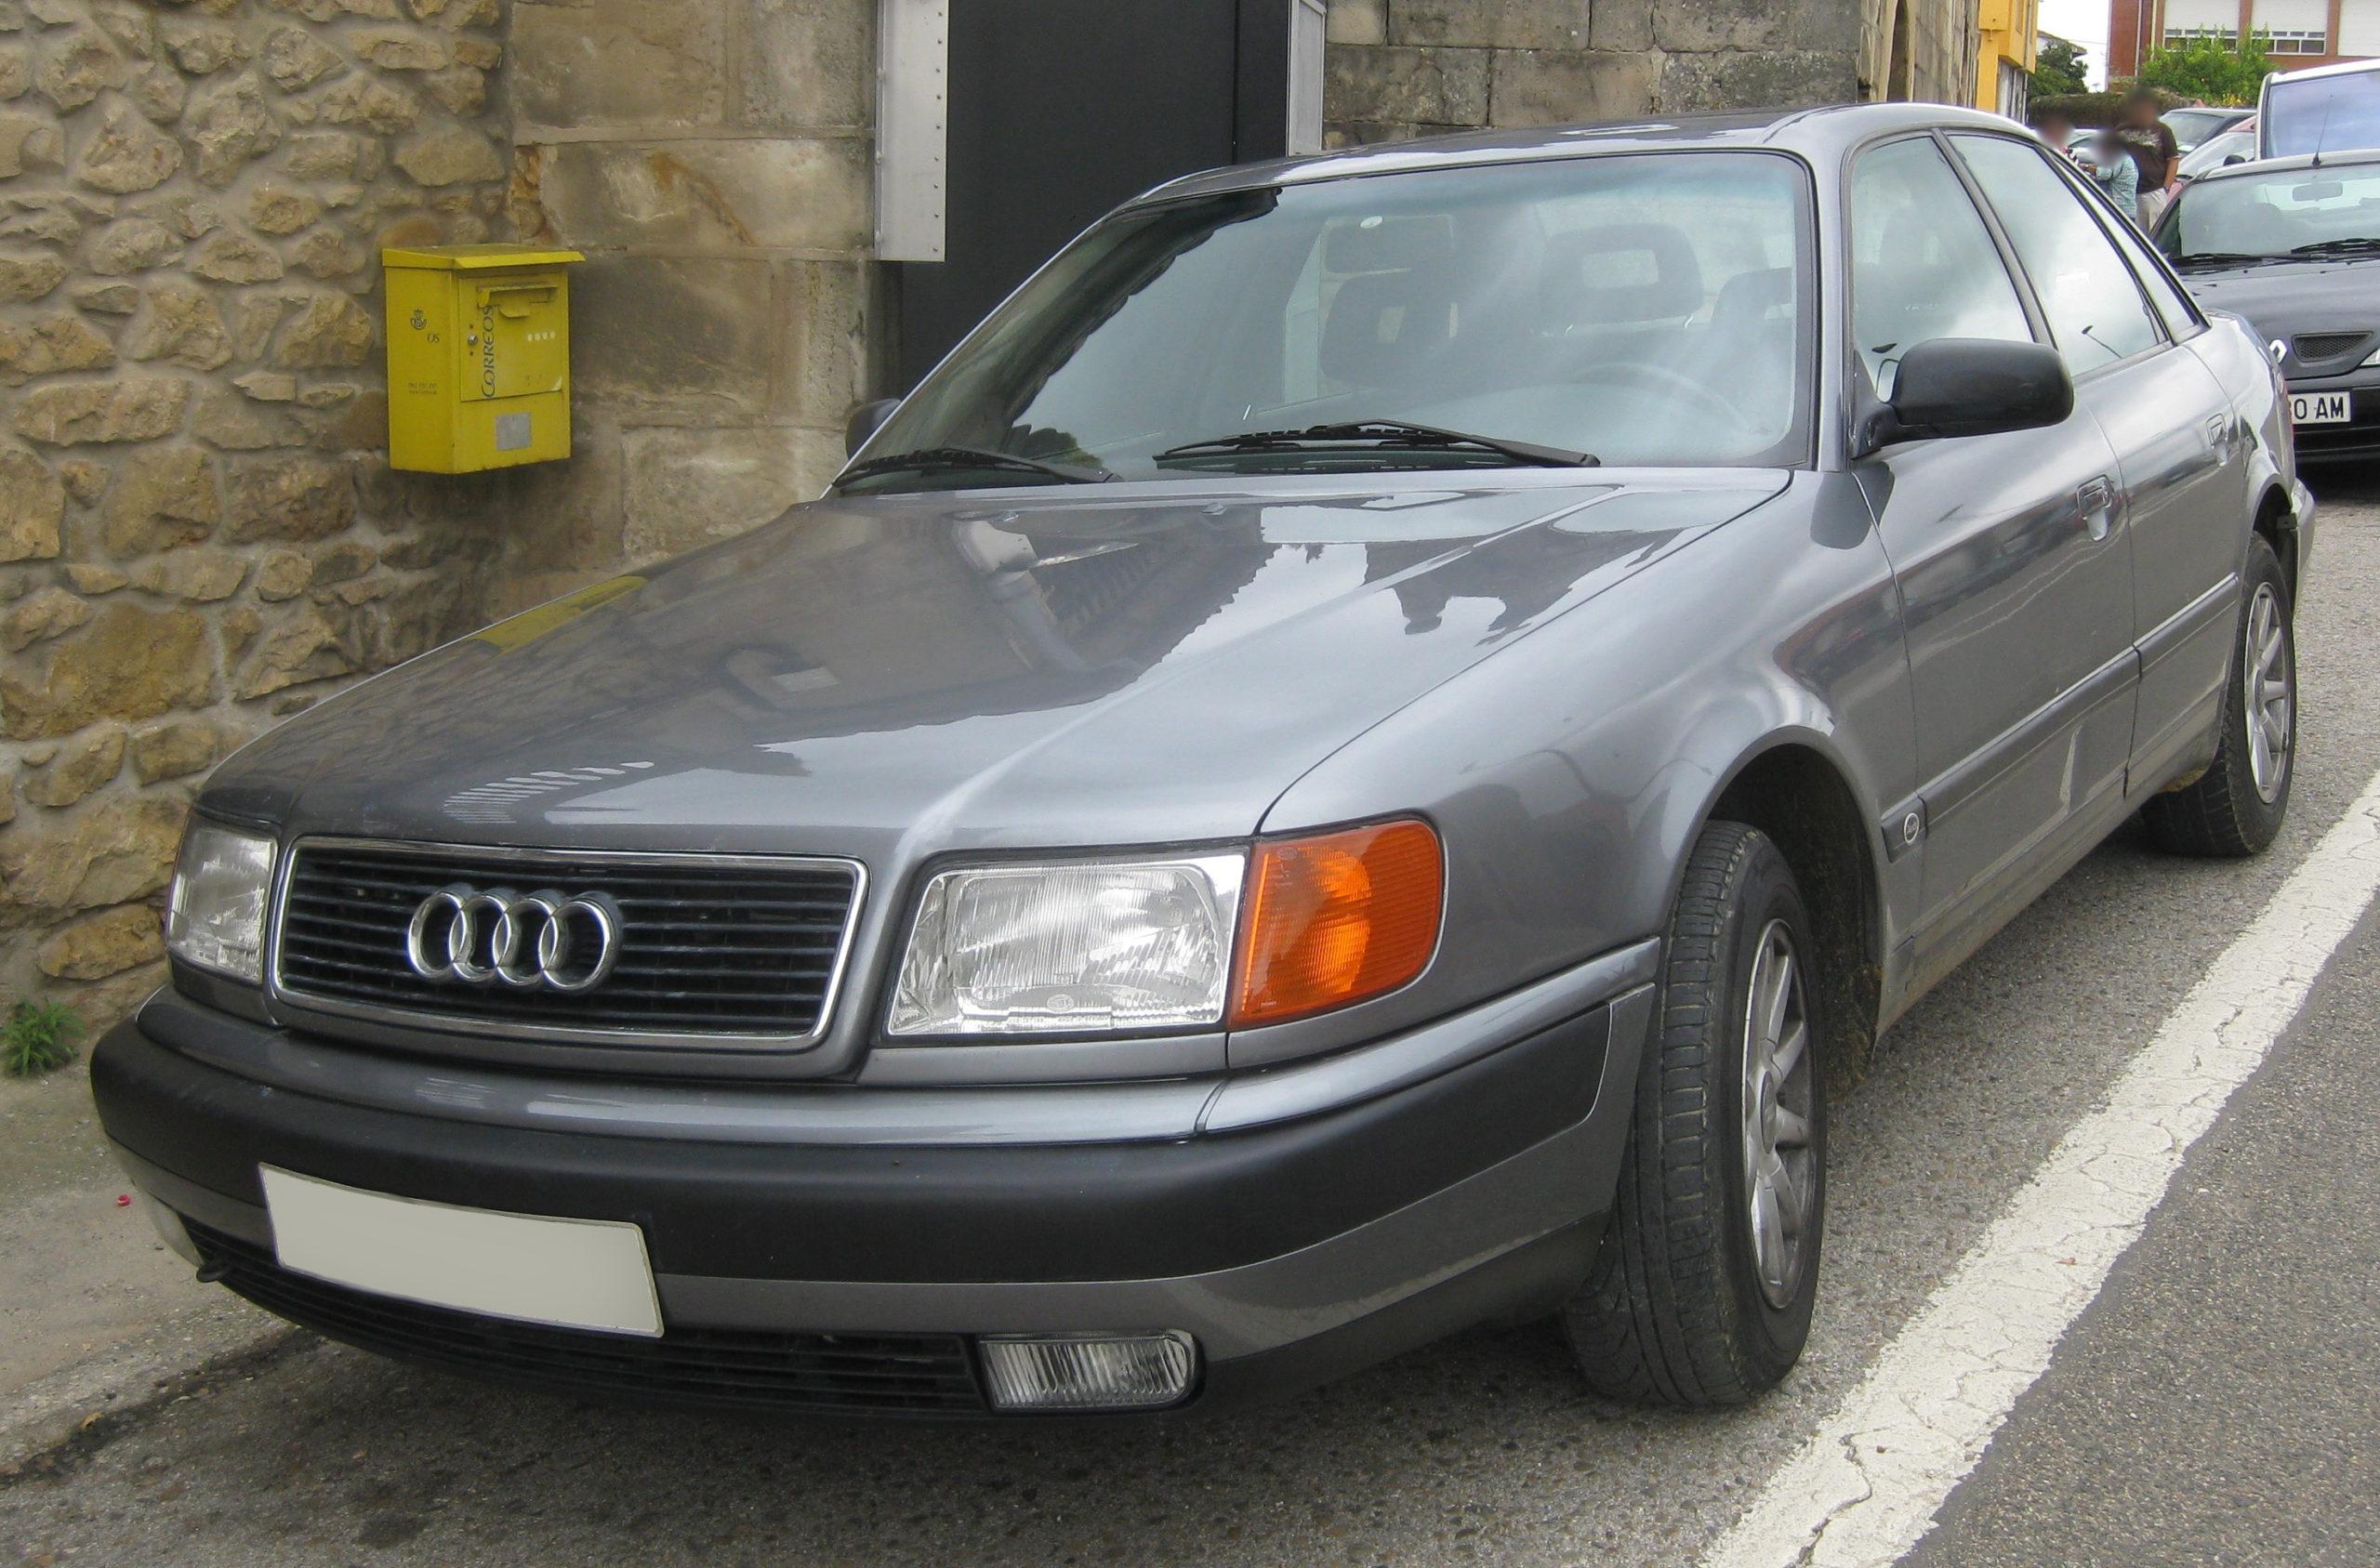 1994 Audi 100 C4 (Typ 4A)